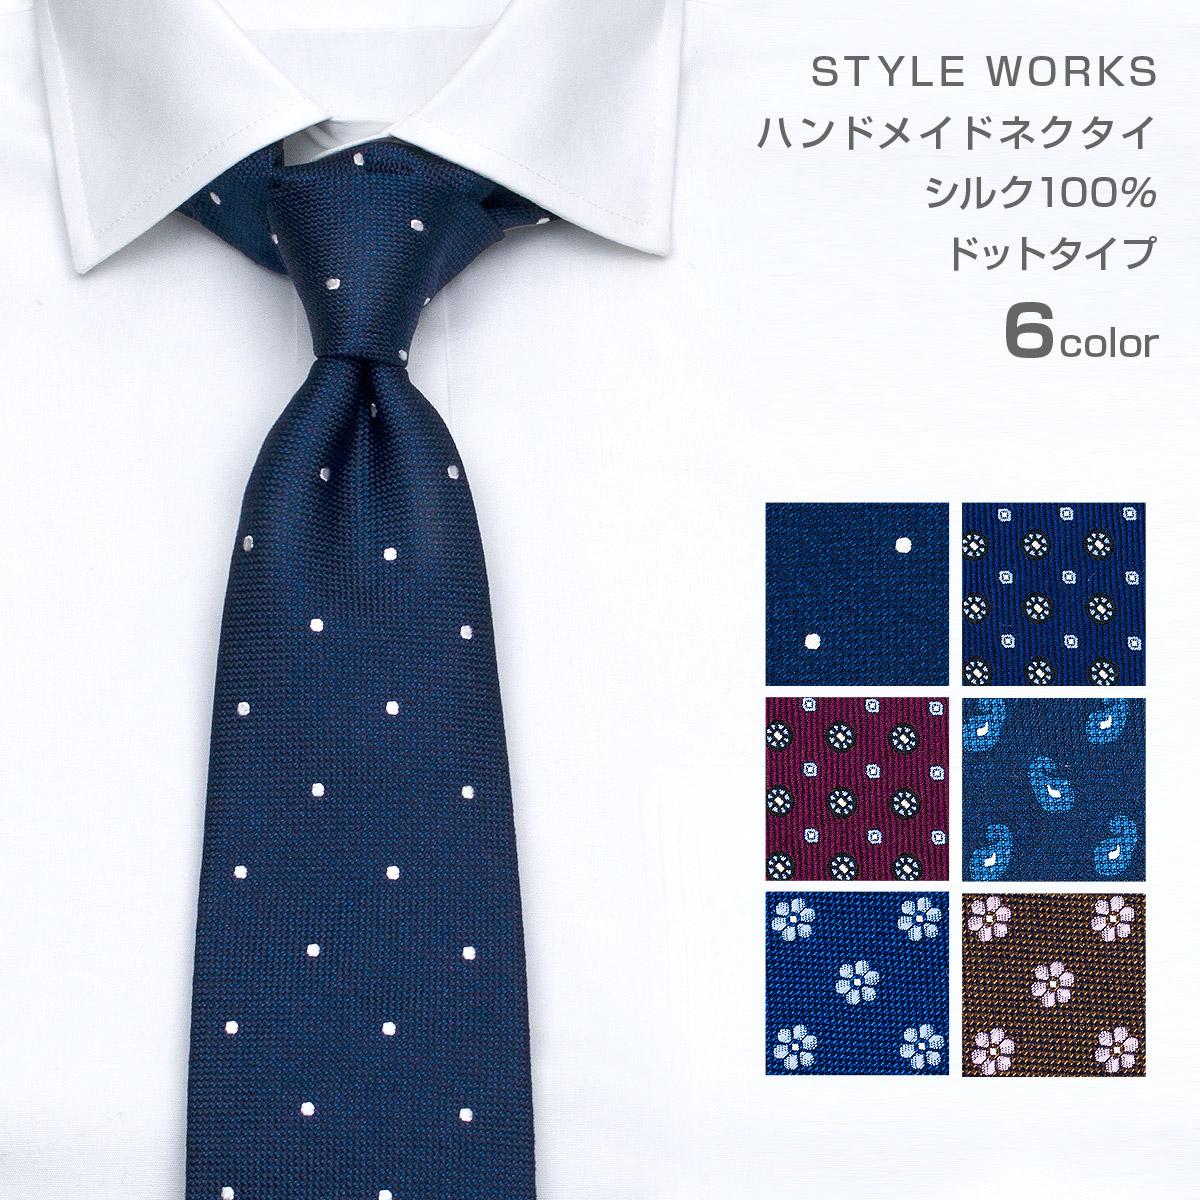 STYLE WORKS ネクタイ メンズ春夏秋冬 日本製 ハンドメイド シルク100% ドットタイプ 6カラー(rst93)